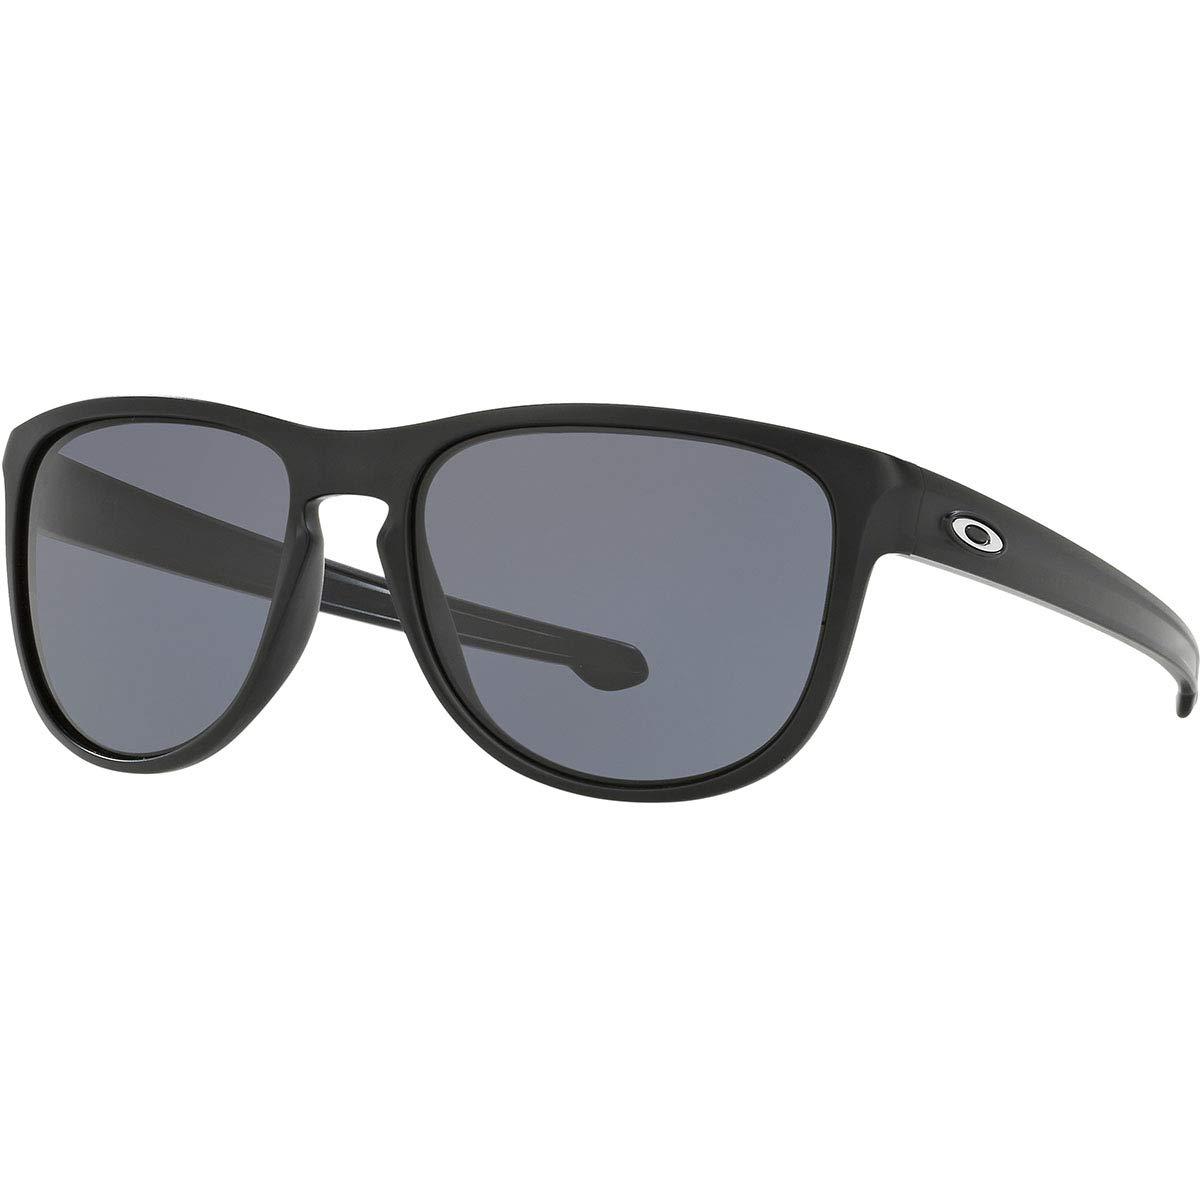 (オークリー)OAKLEY サングラス SLIVER R/スリバーR US One Size-(FREE サイズ) Matte Black / Grey B01DKJXNWE